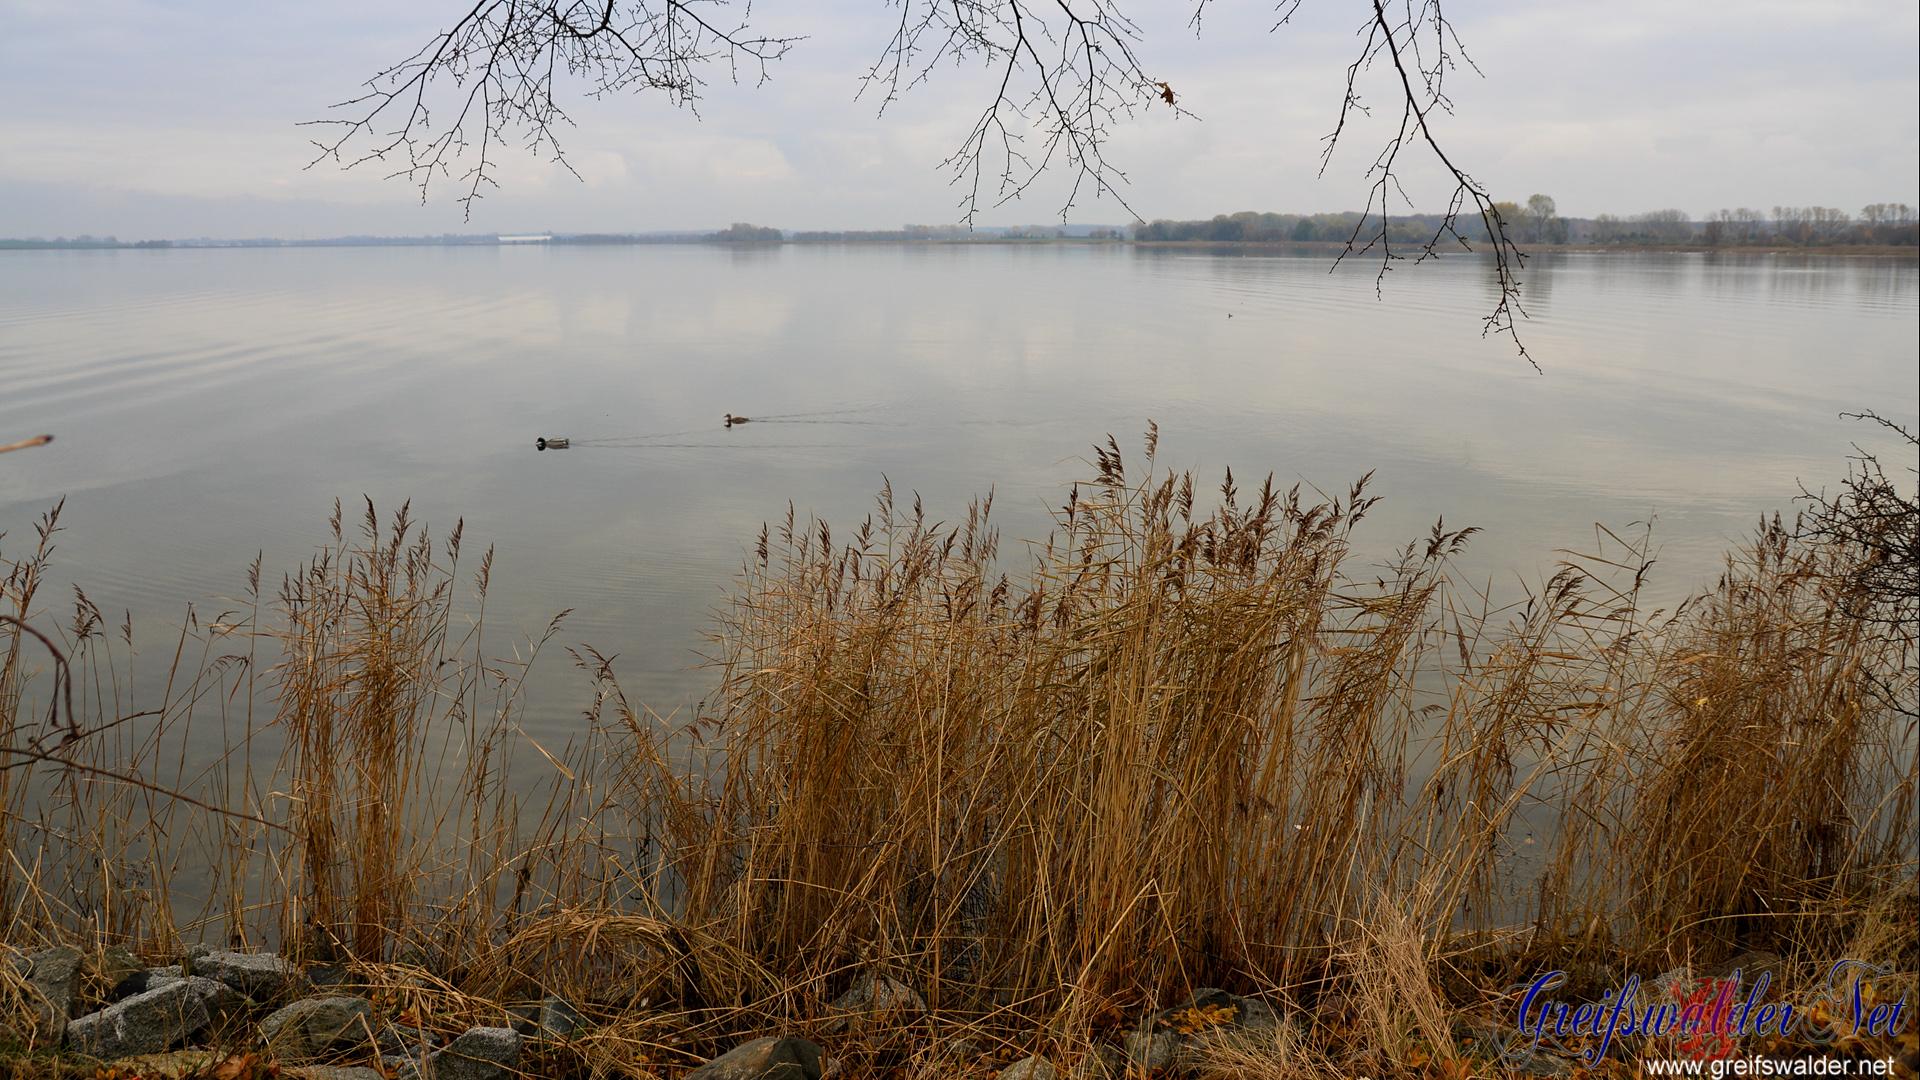 Herbstsonntag an der Dänischen Wiek in Greifswald-Wieck